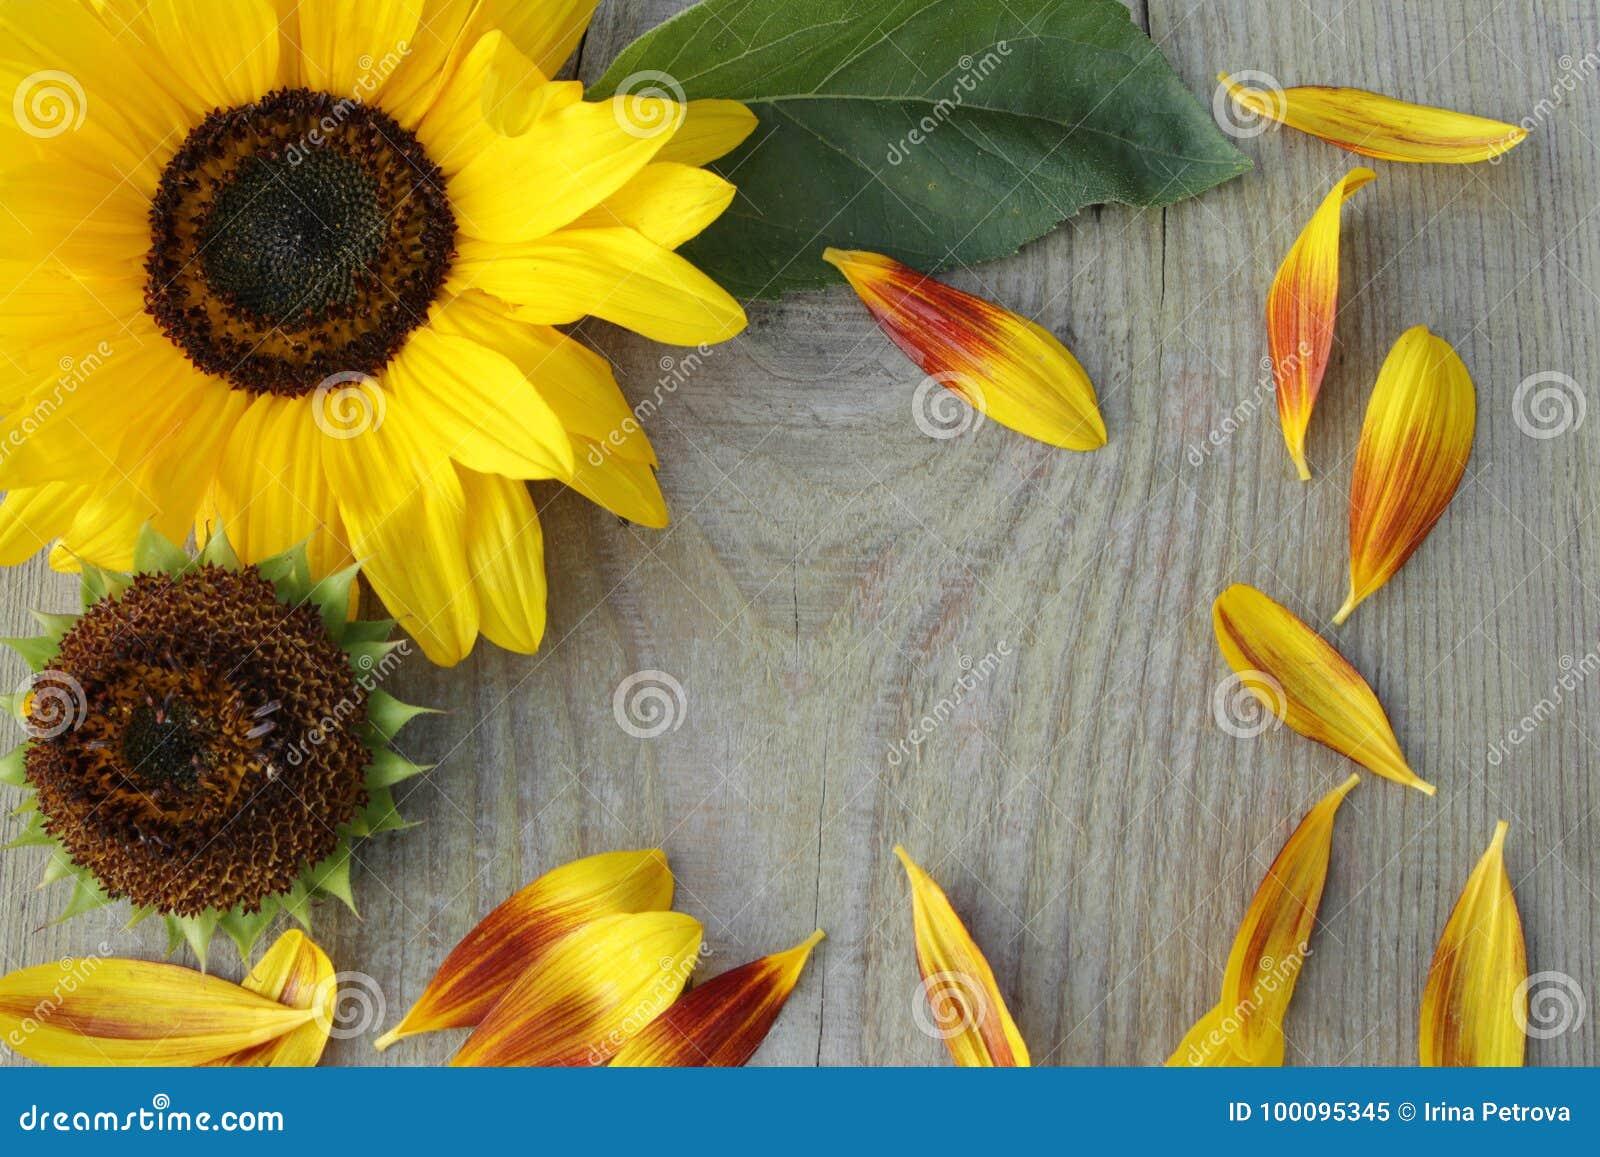 Flores de girasoles en fondo de madera